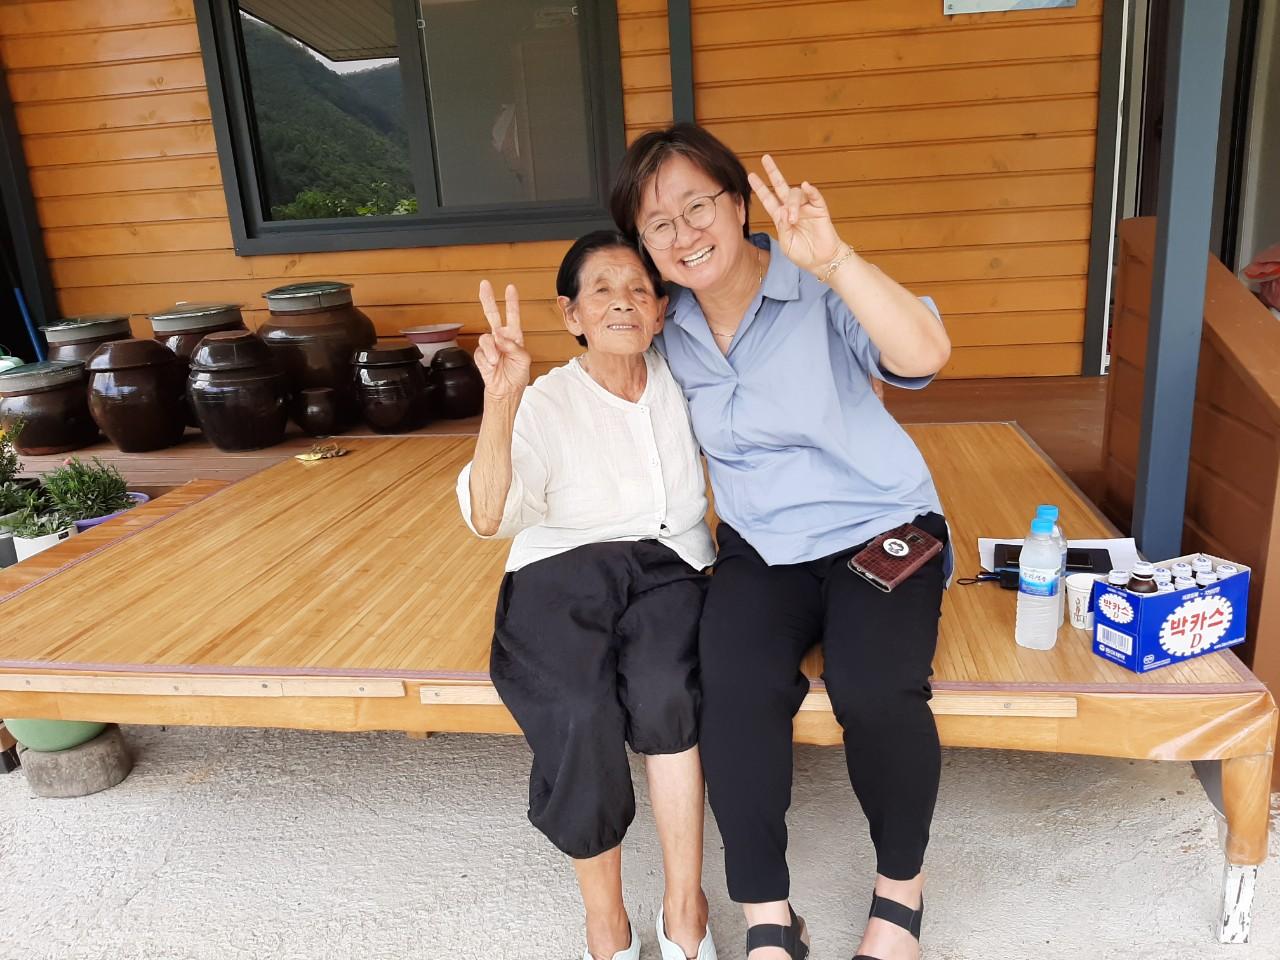 박필근 할머니(왼쪽)와 금박은주 포항여성회 대표 ⓒ포항여성회